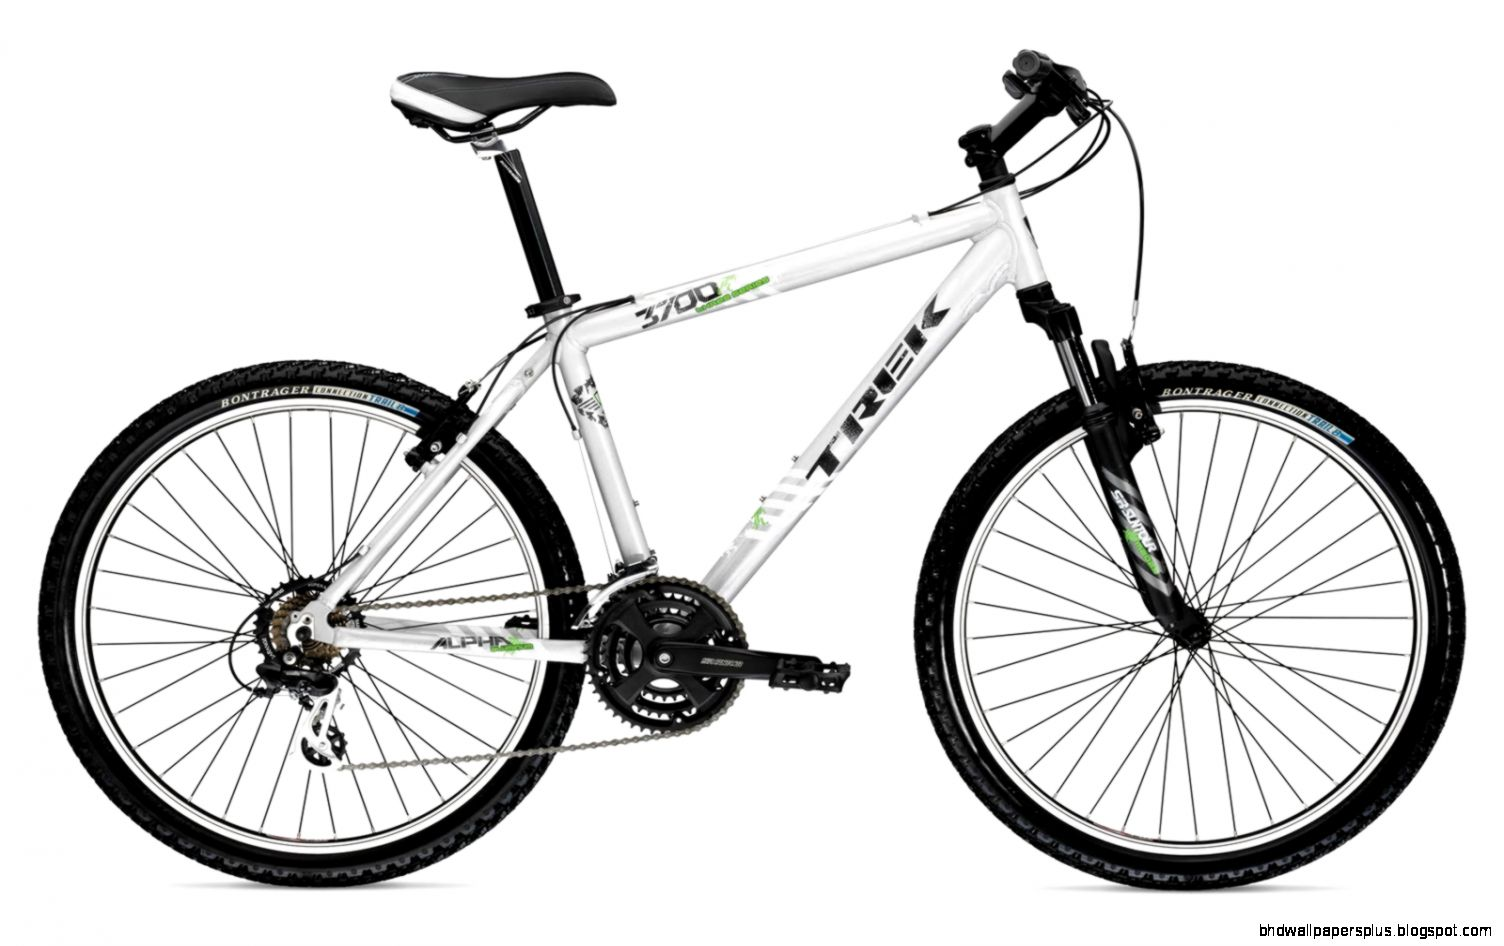 Mountain Bike Front Shocks Wallpaper Size 1600x1040